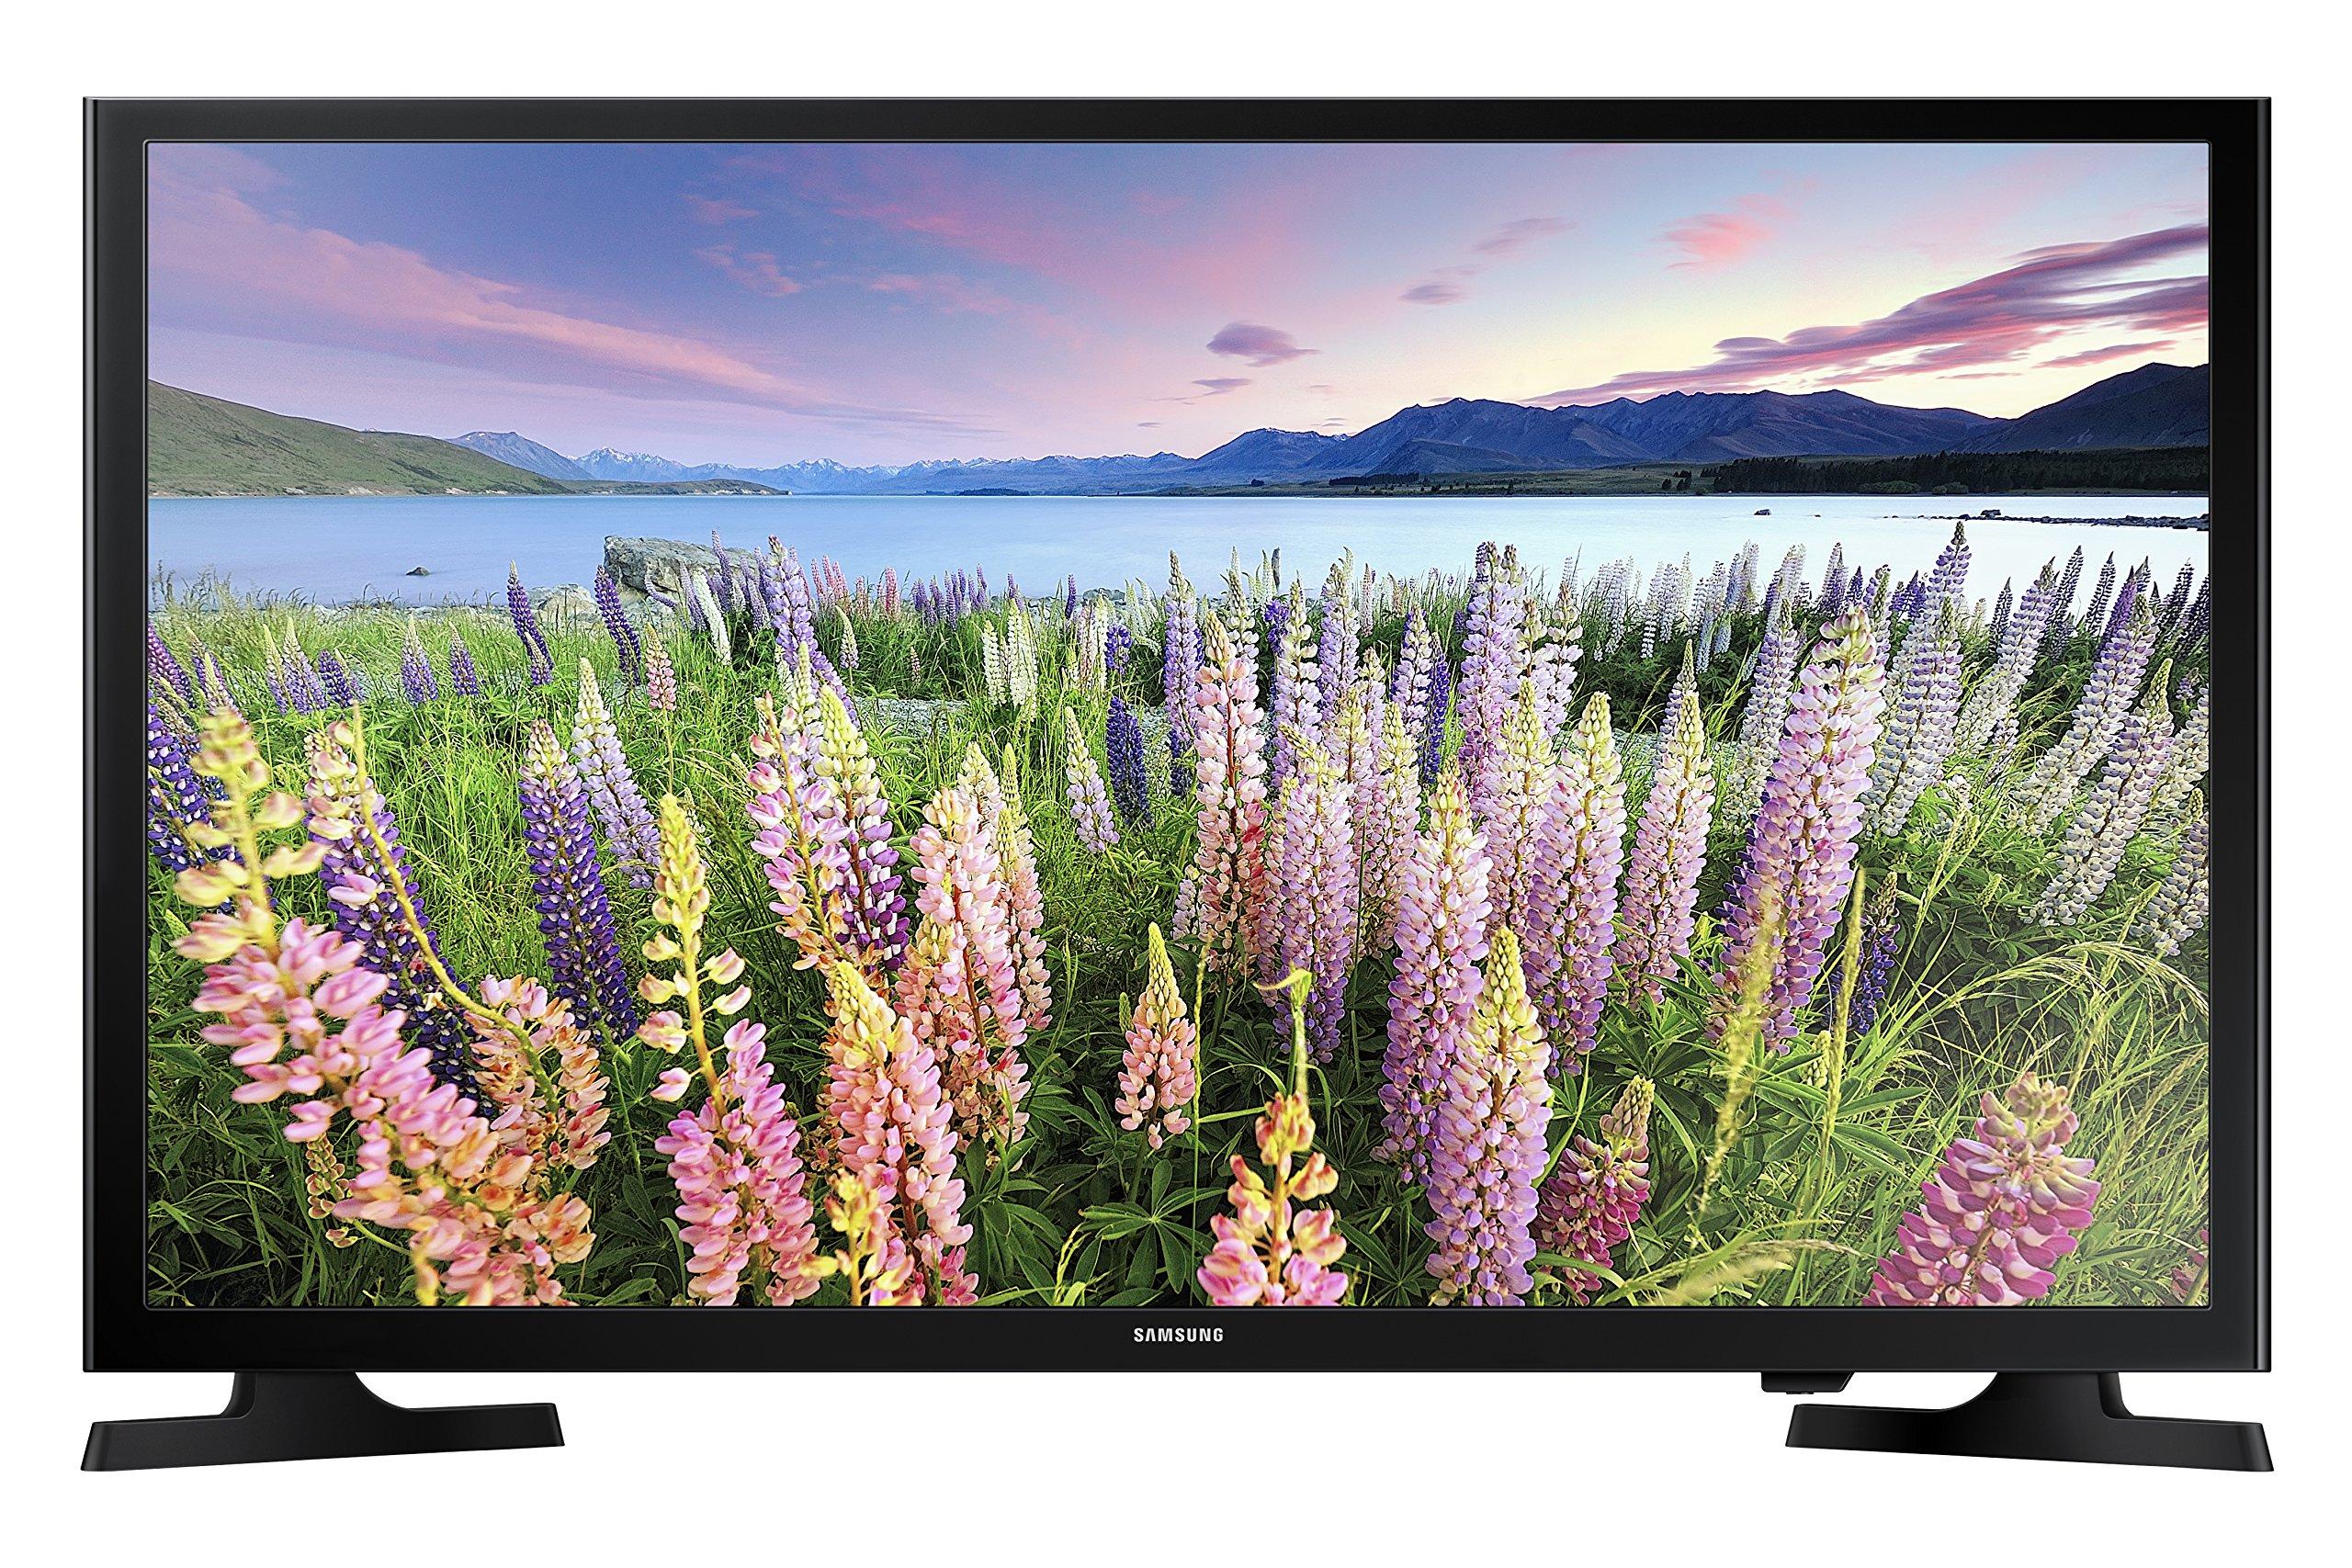 Samsung UE48J5000AK 48 Full HD Black LED TV - LED TVs (121.9 cm (48), Full HD, 1920 x 1080 pixe